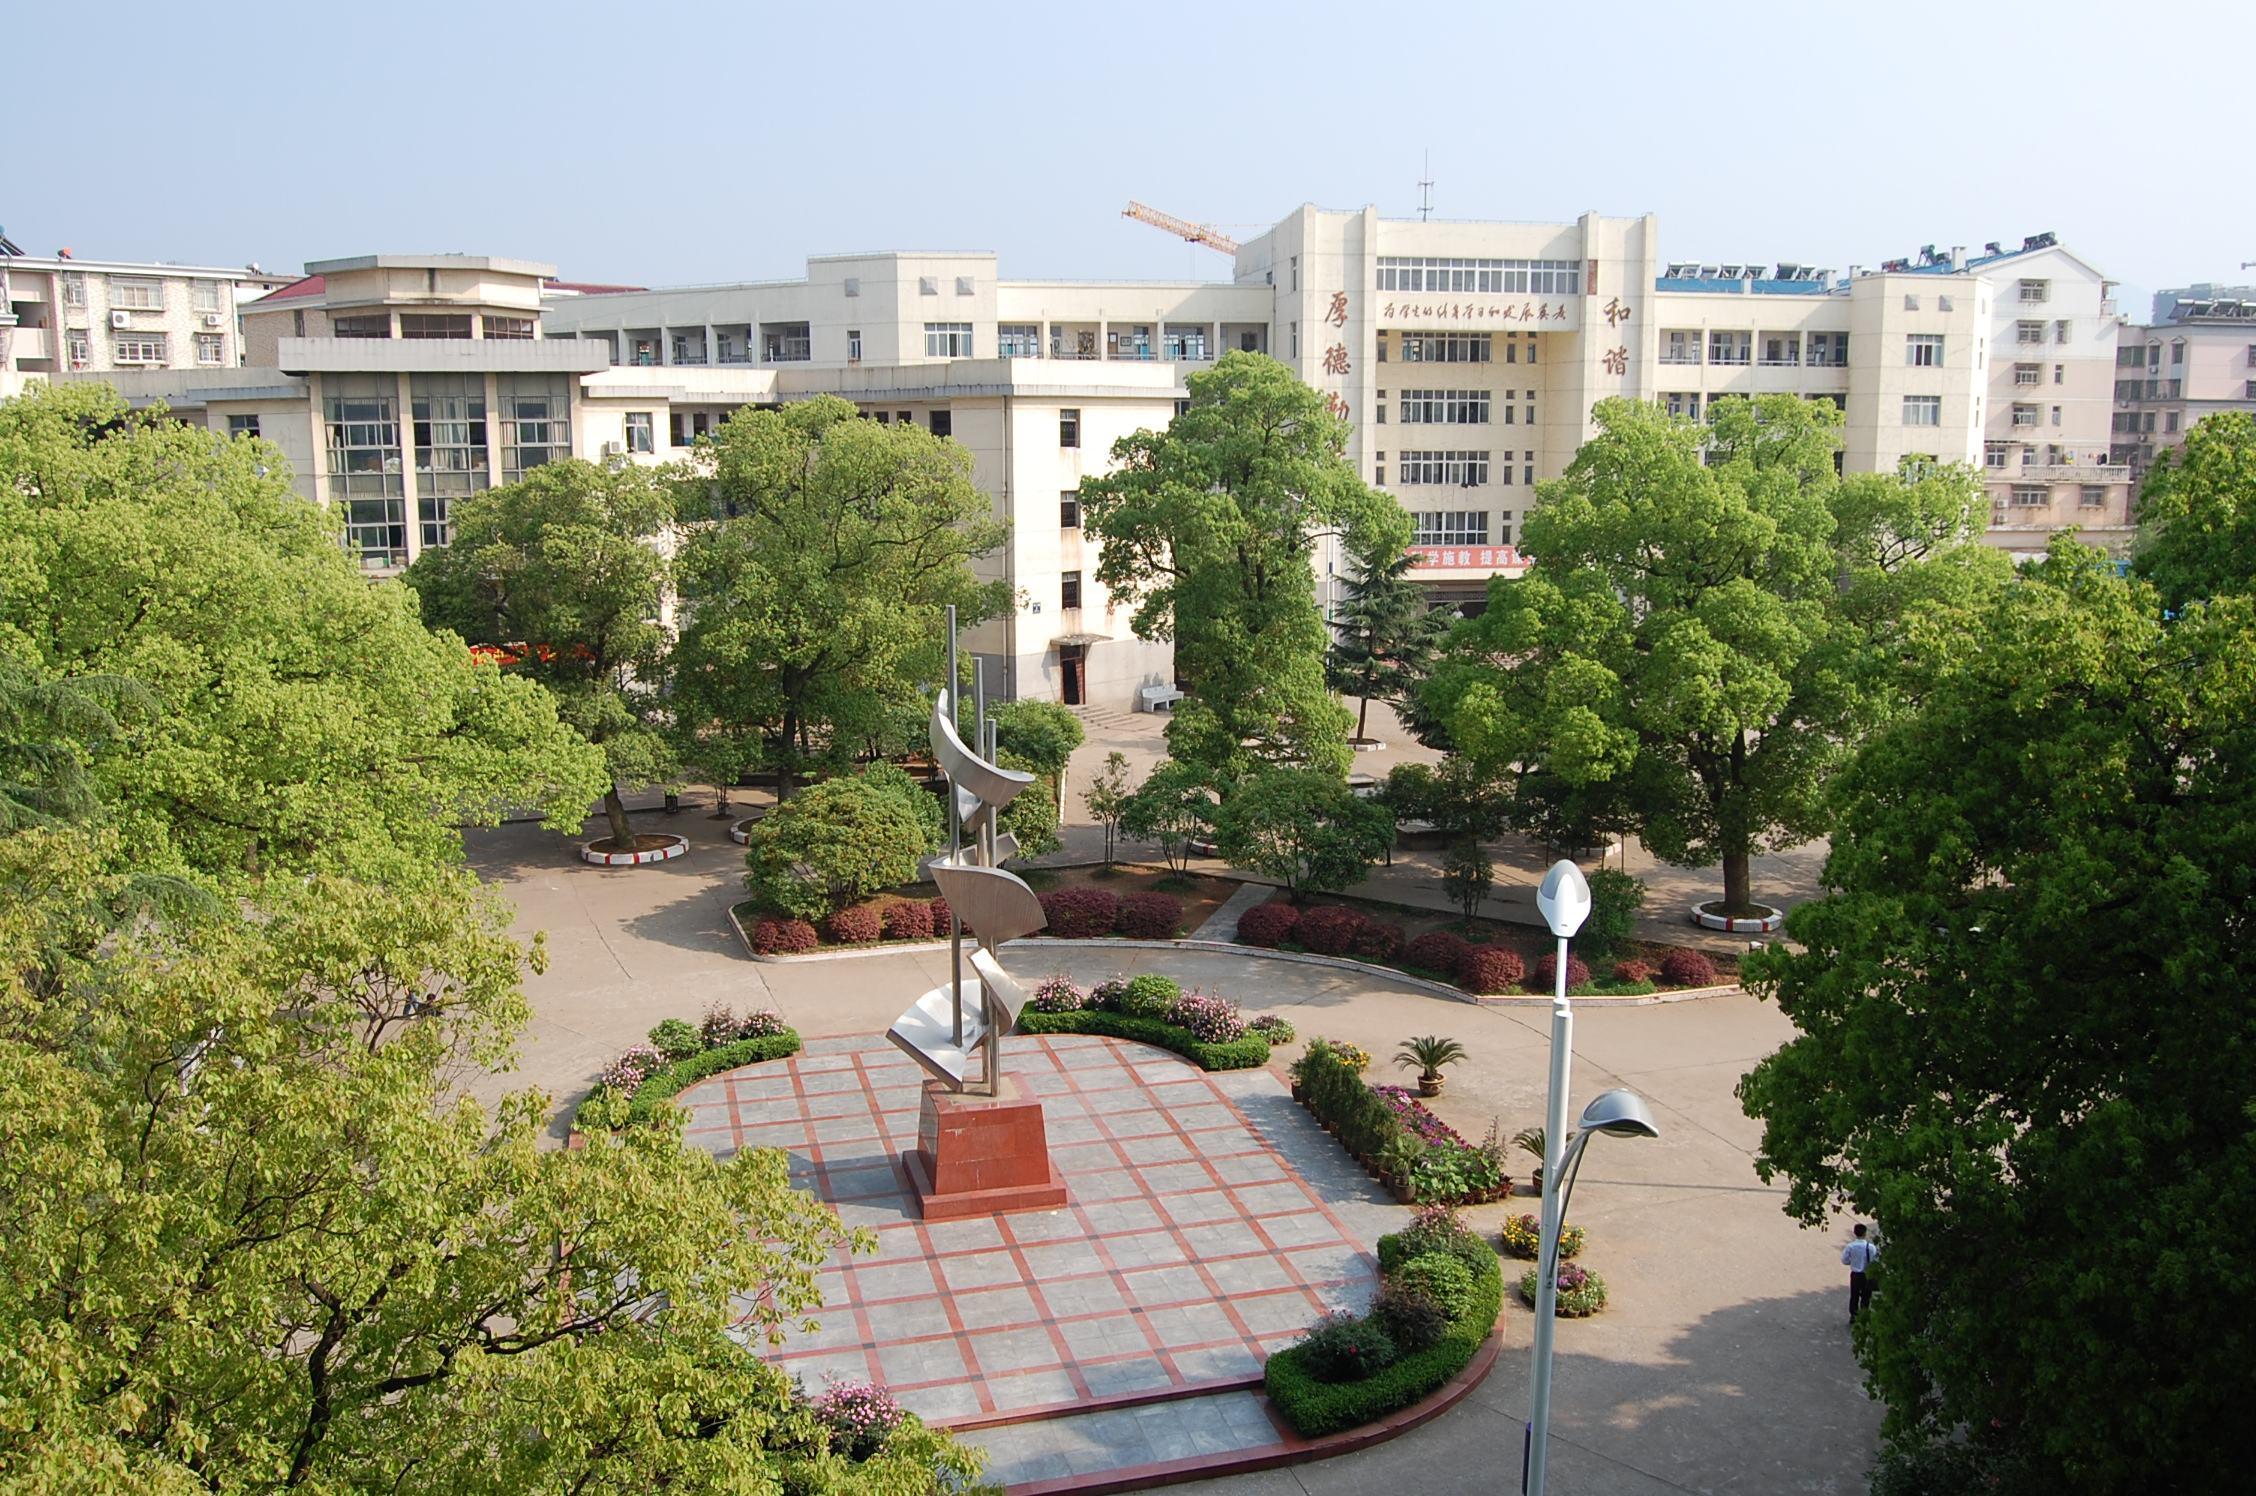 黄石大冶湖高新技术产业园区